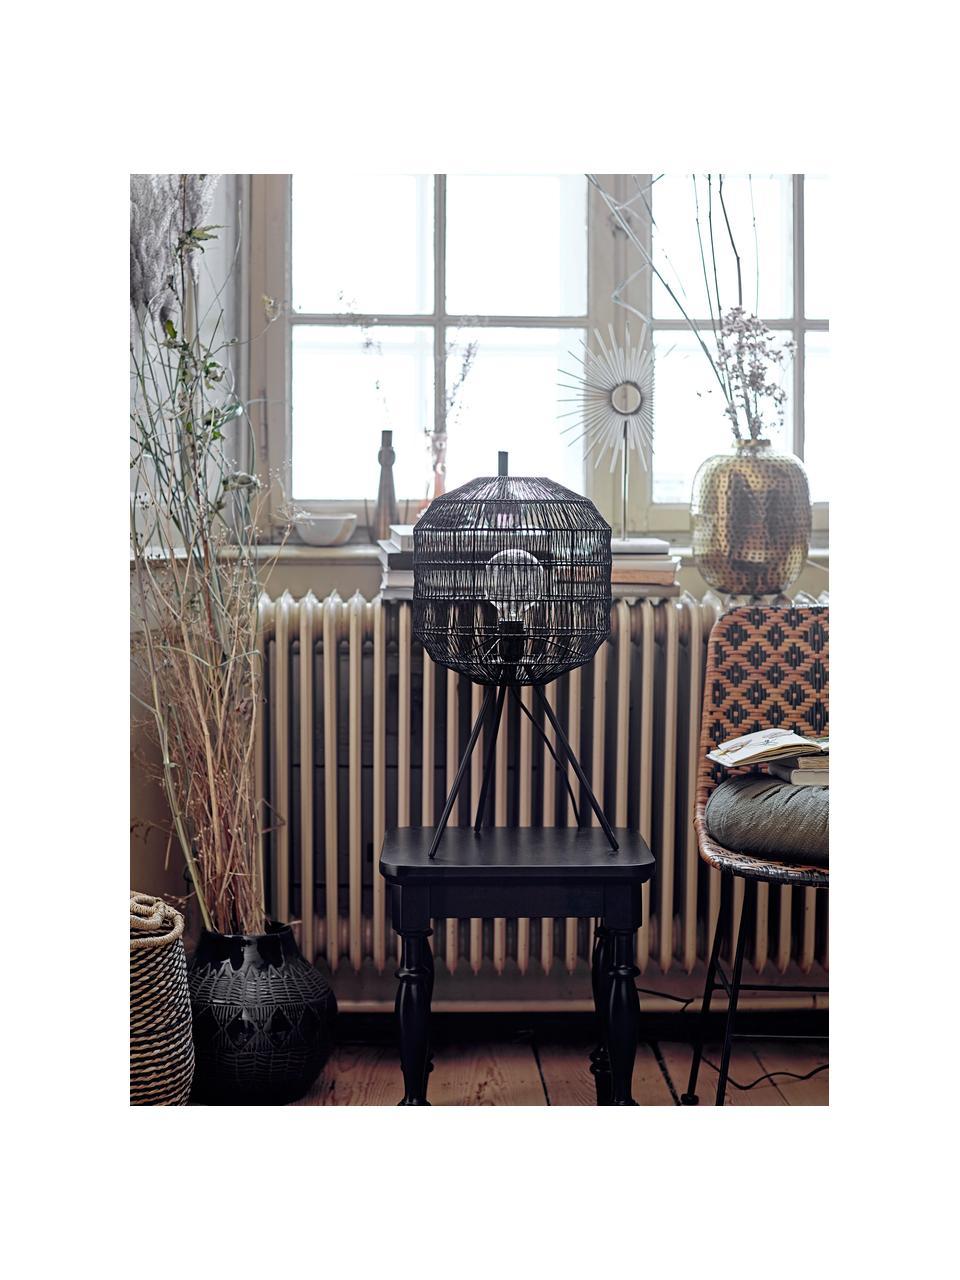 Rattan-Stuhl Kitty in Schwarz/Beige, Sitzfläche: Rattan, Beine: Metall, beschichtet, Schwarz, Beige, B 55 x T 44 cm